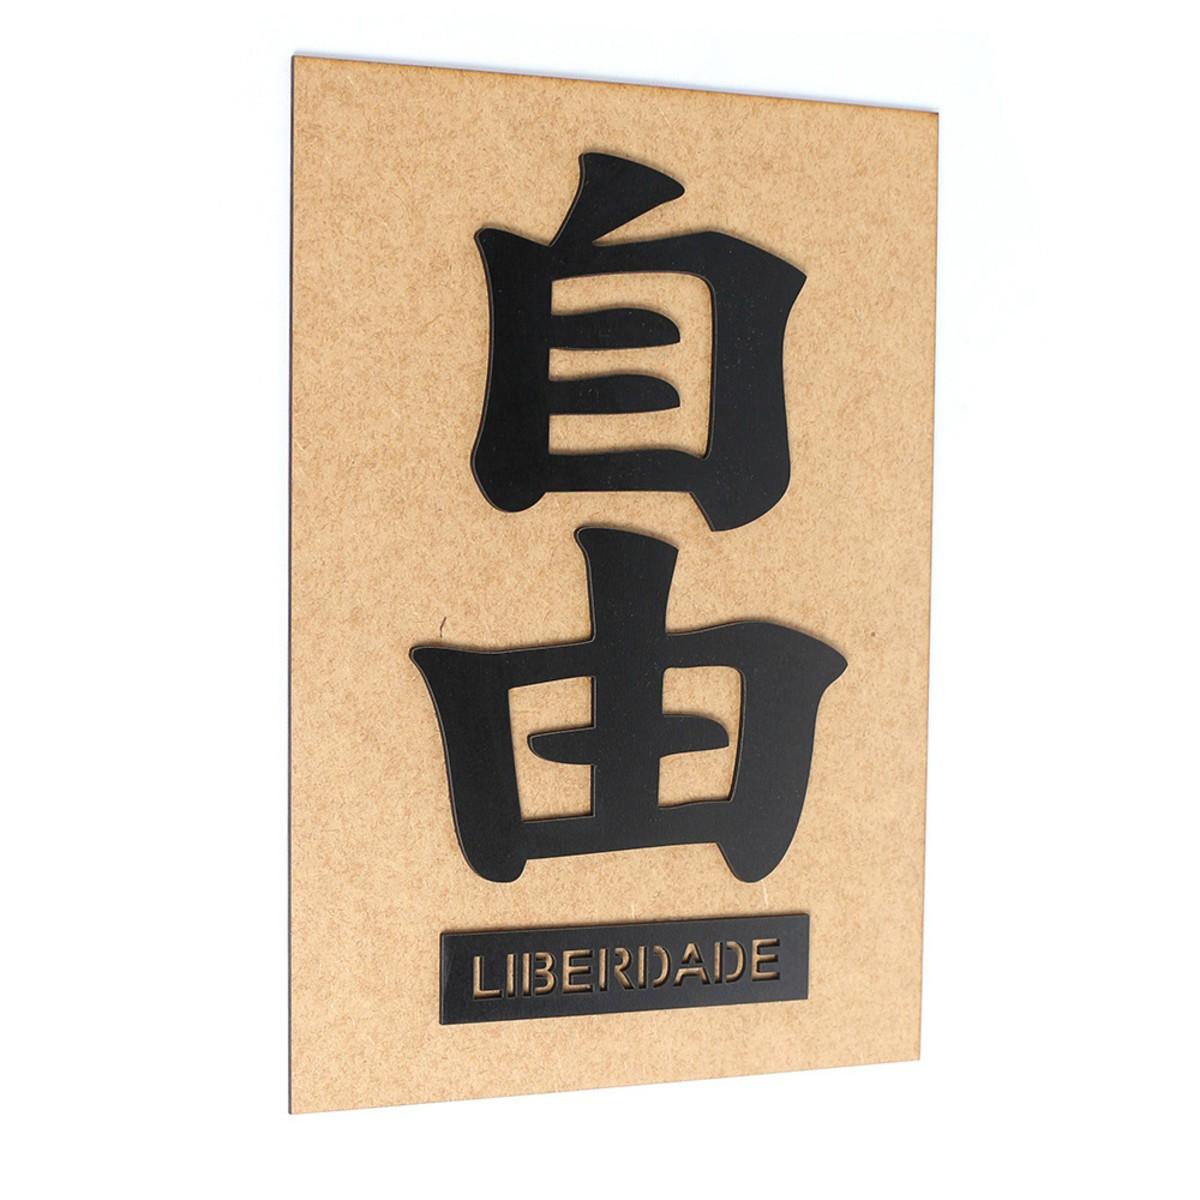 Quadro Símbolos Japones Liberdade Alto Relevo Mdf Cru/preto